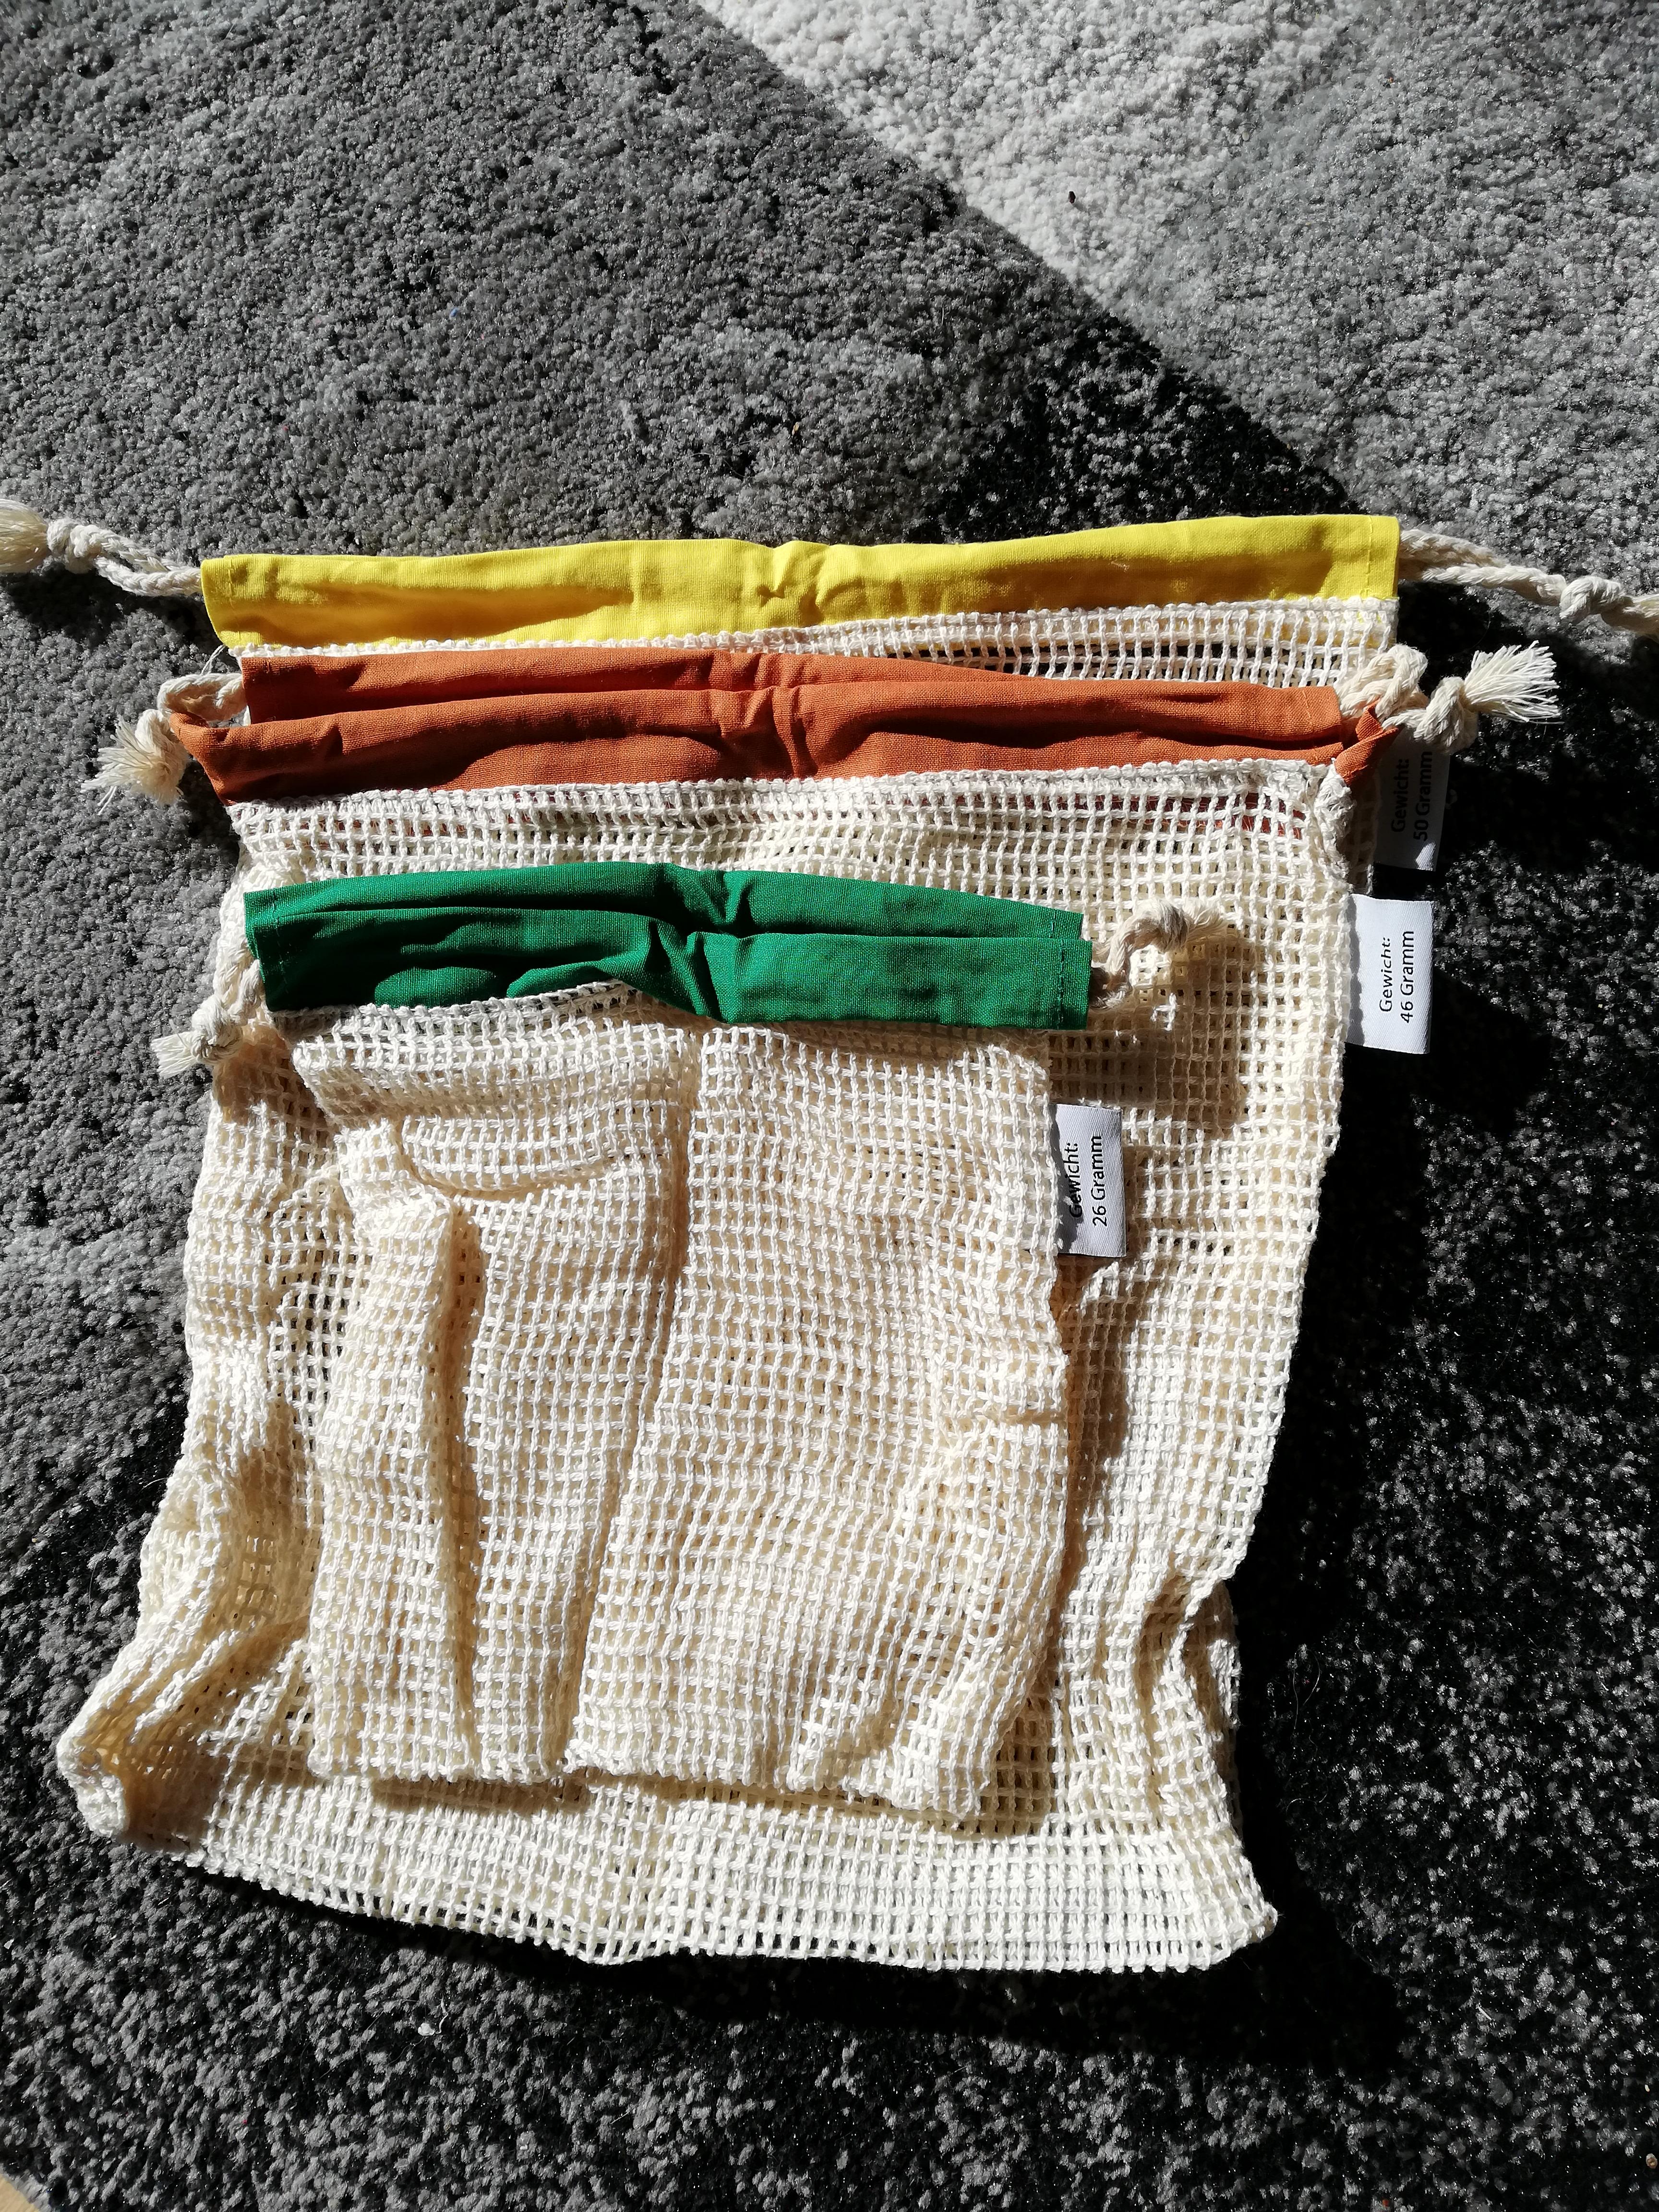 Vatuum wiederverwendbare Obst- und Gemüsebeutel aus Baumwolle